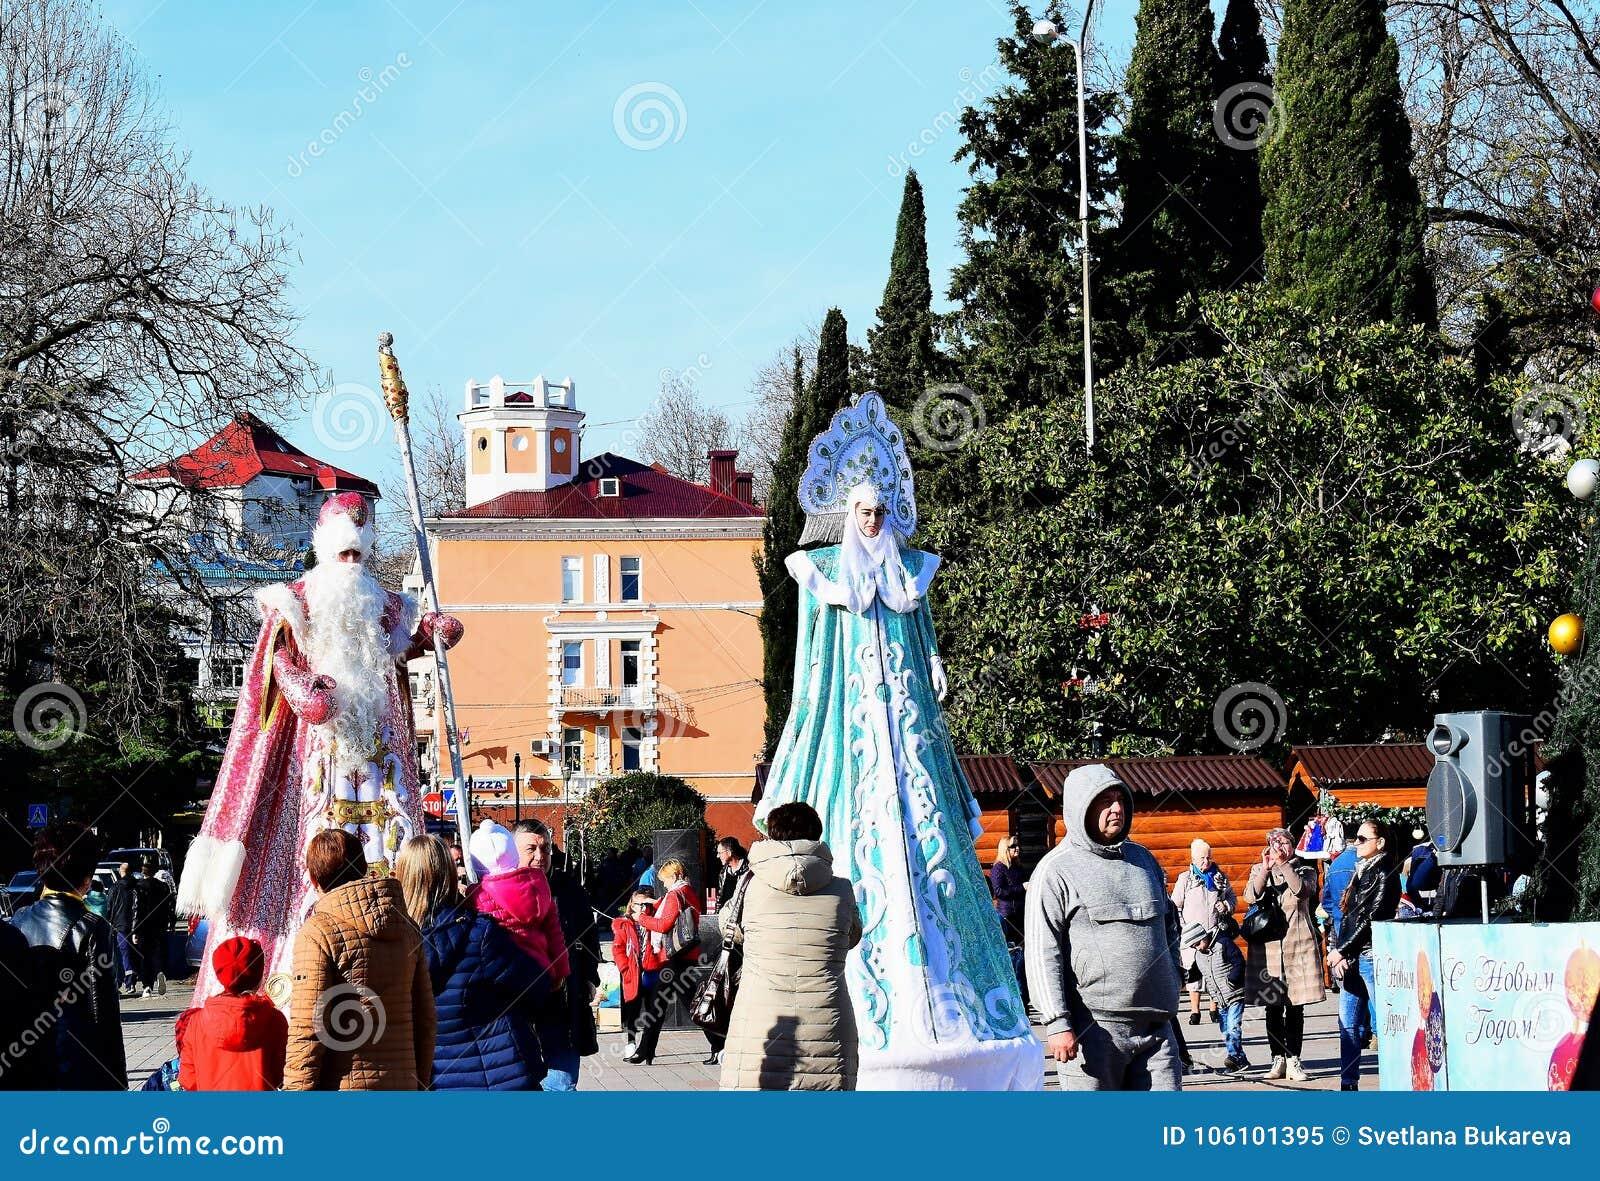 Ο παγετός παππούδων και το κορίτσι χιονιού είναι στην περιοχή της πόλης Tuapse στο δέντρο και της ανόδου επάνω από το ακροατήριο